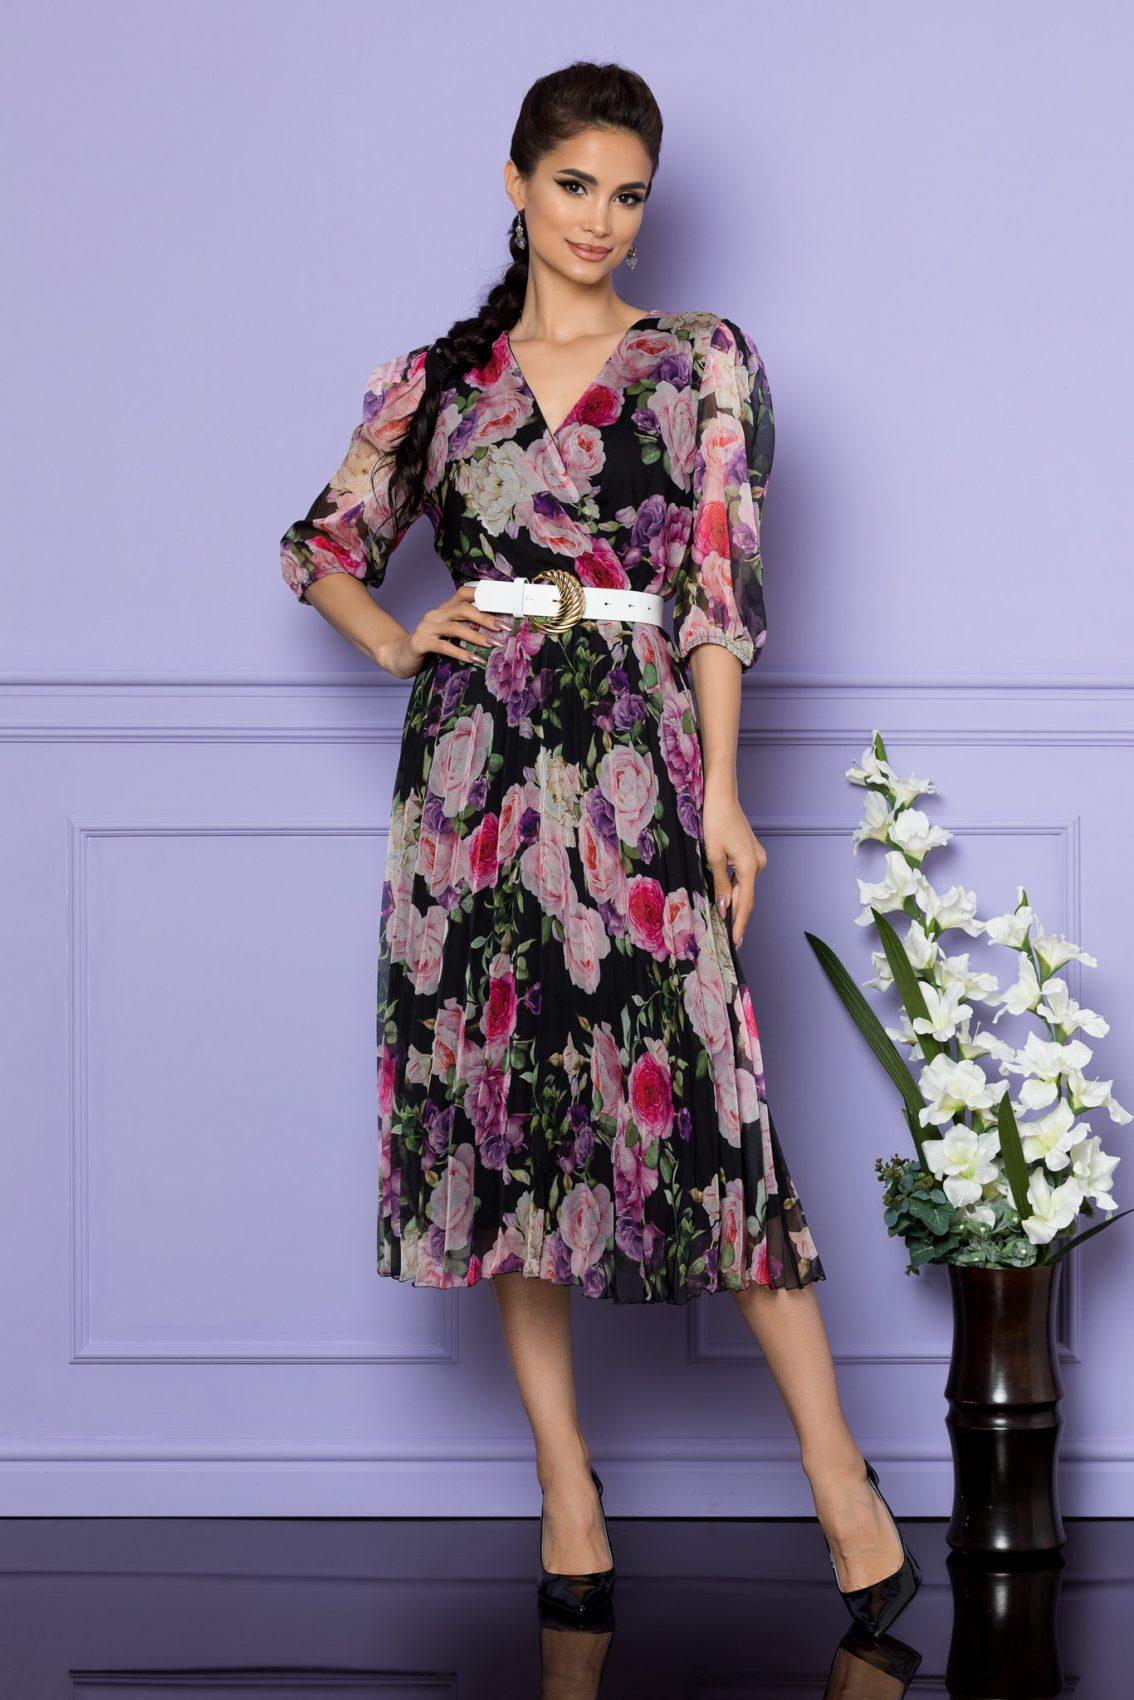 Μαύρο Φλοράλ Μίντι Κοντομάνικο Φόρεμα Cryna A735 1